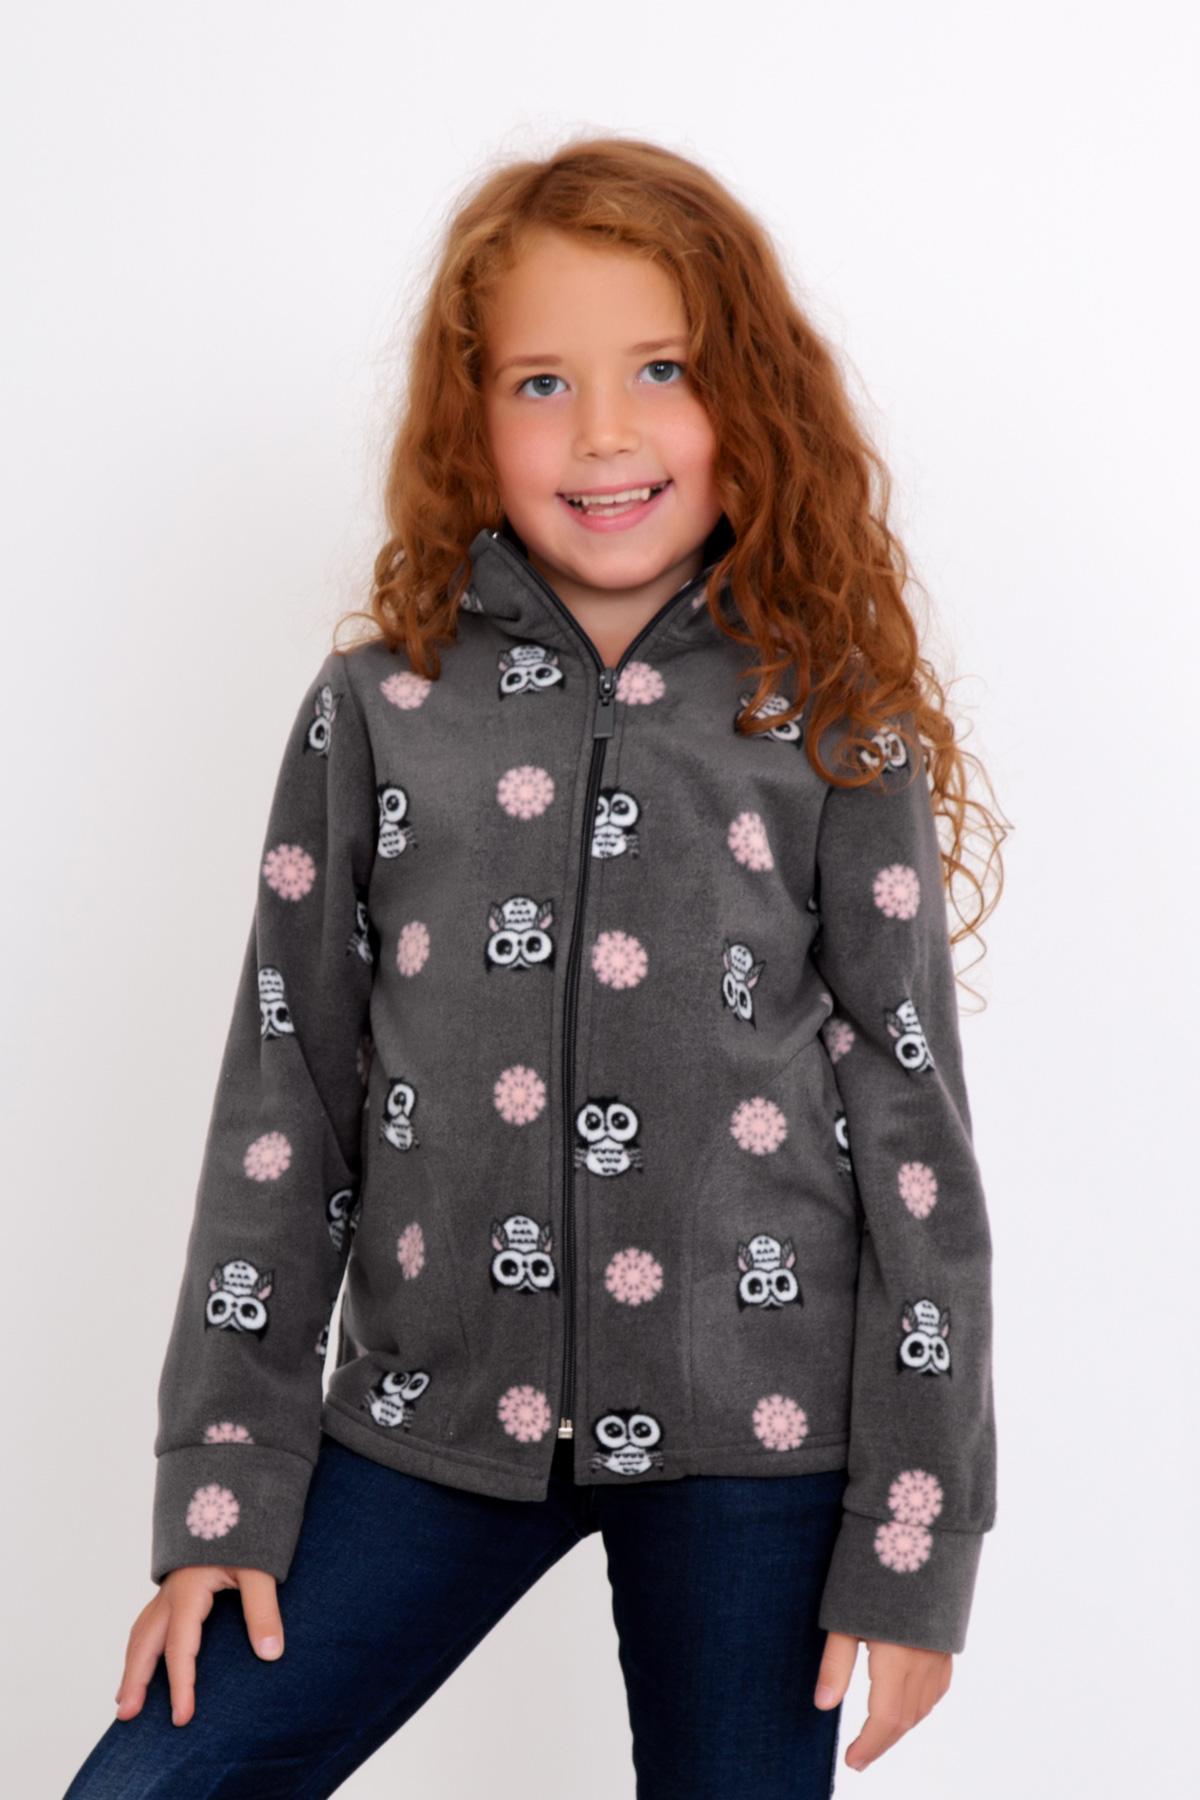 Дет. толстовка арт. 18-0140 р. 36Толстовки, джемпера и рубашки<br><br><br>Тип: Дет. толстовка<br>Размер: 36<br>Материал: Флис